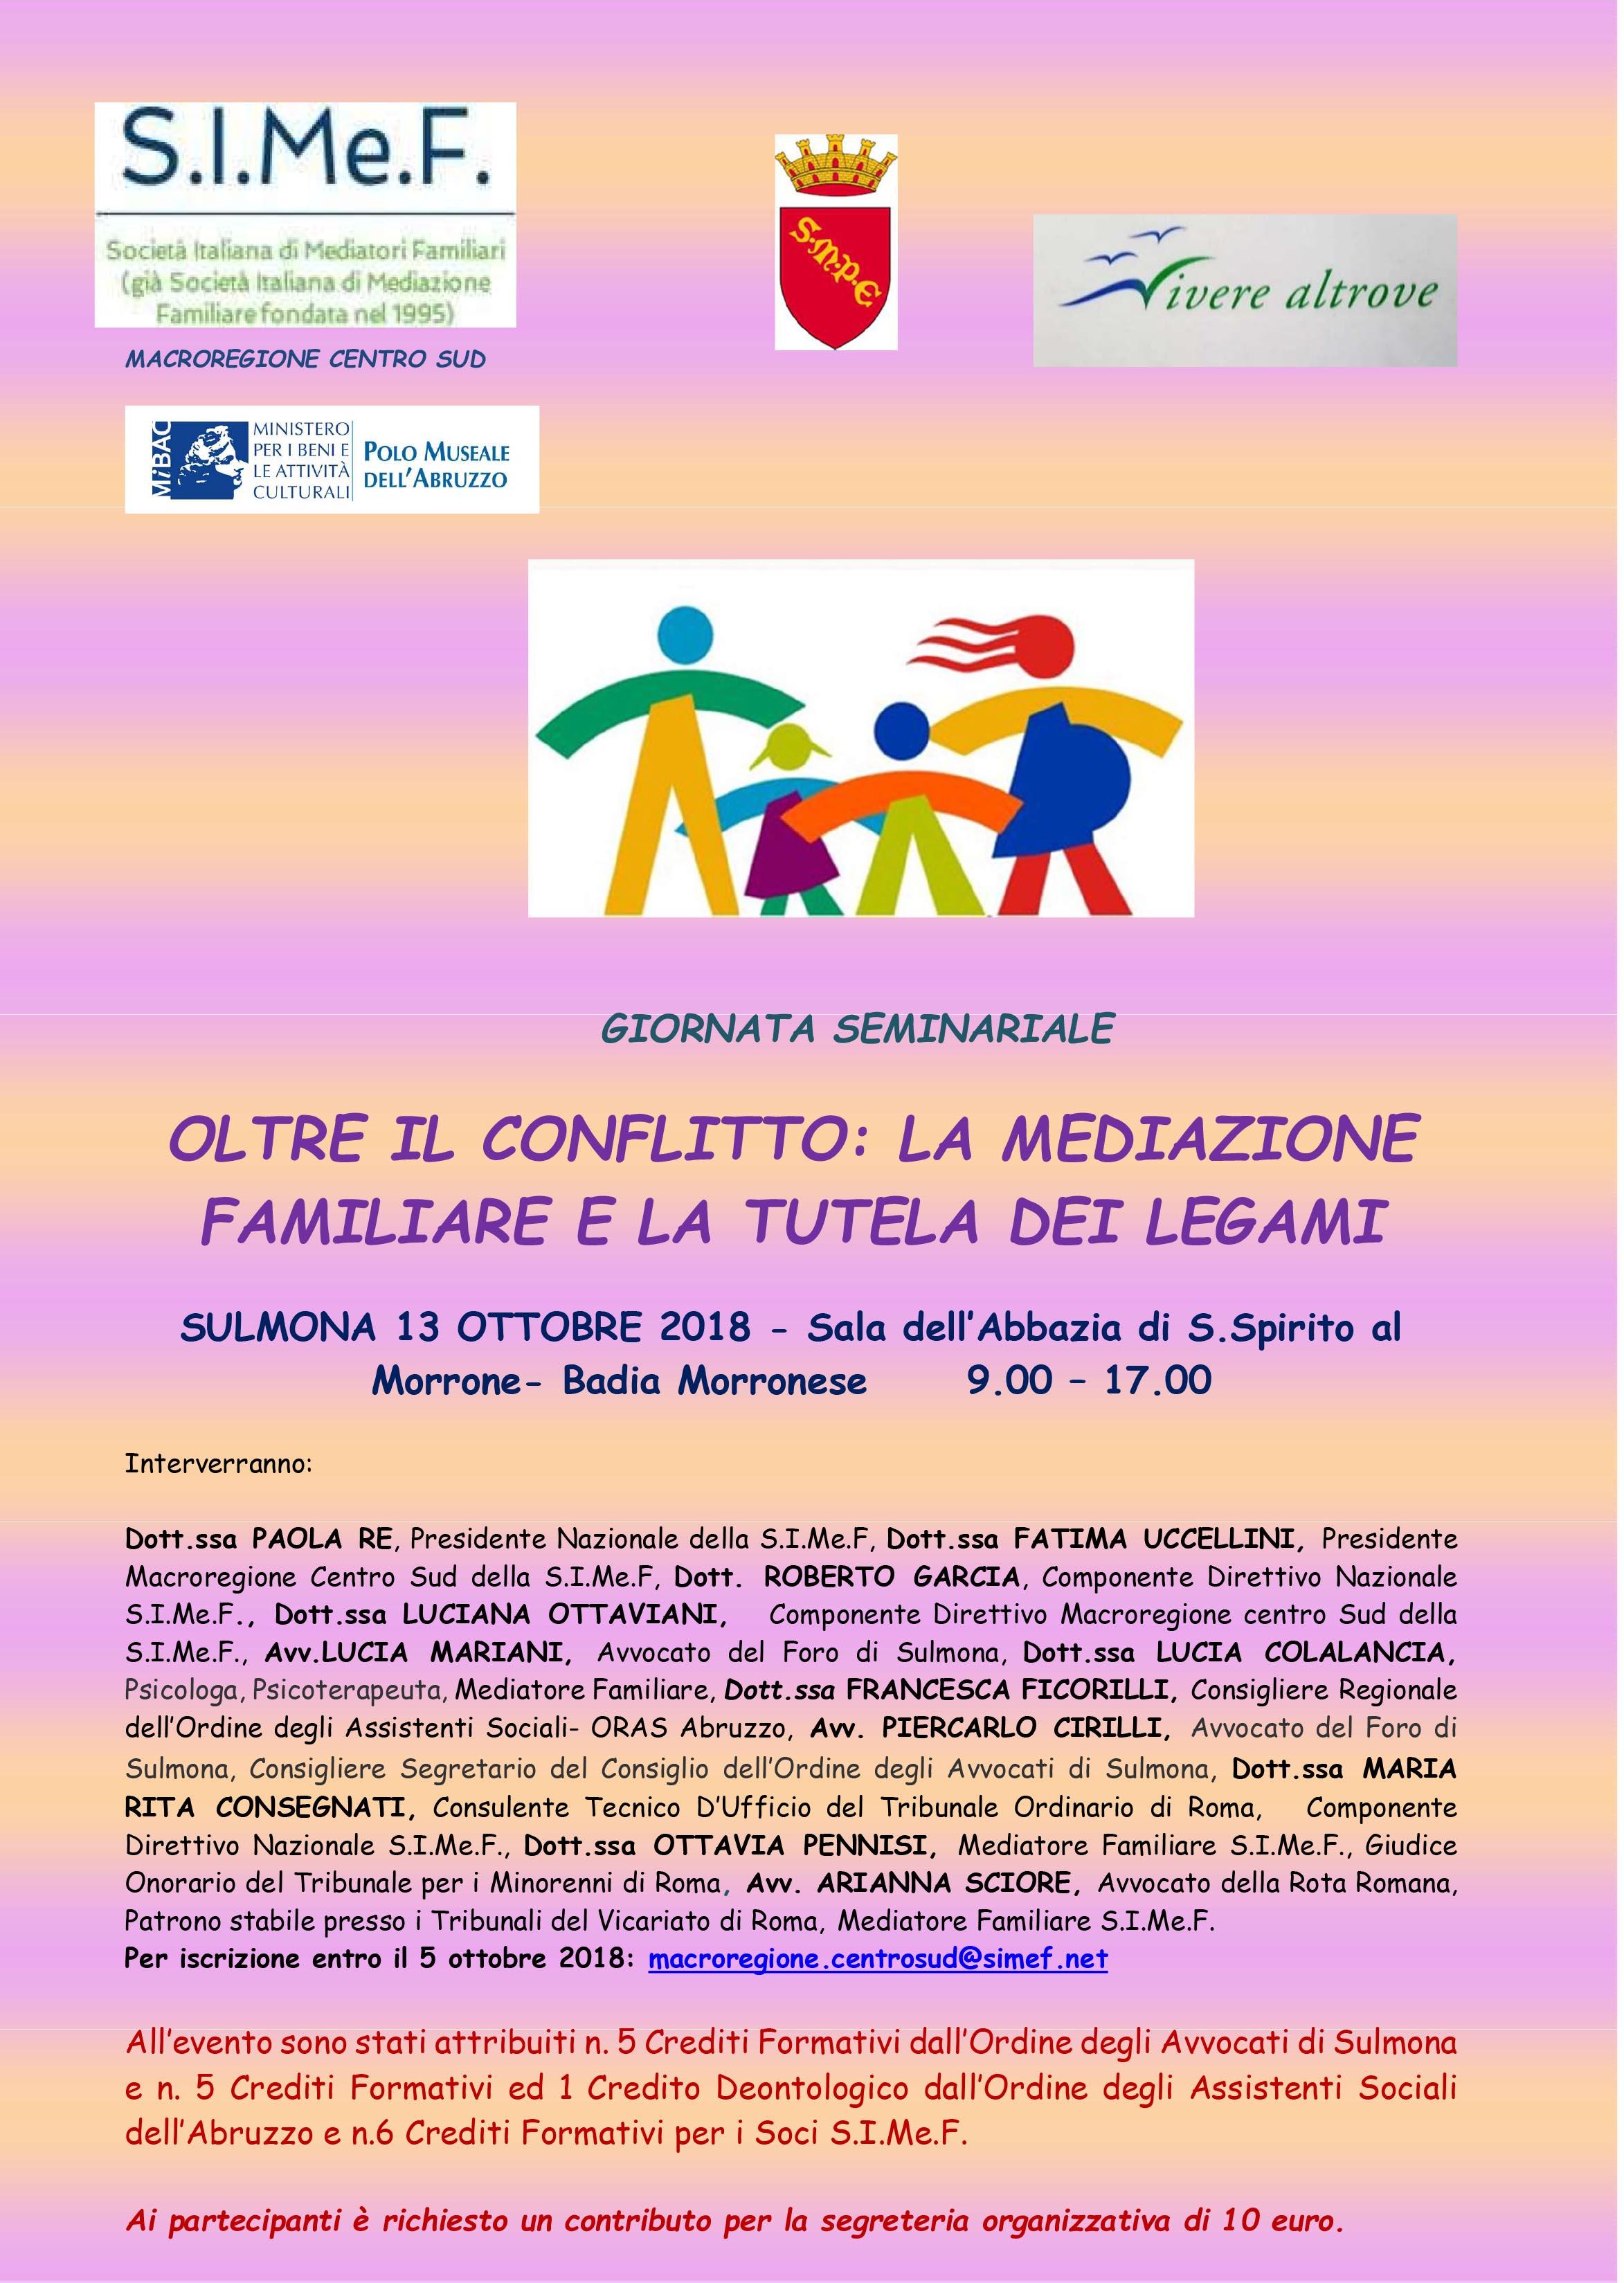 Giornata Seminariale a Sulmona il 13 ottobre